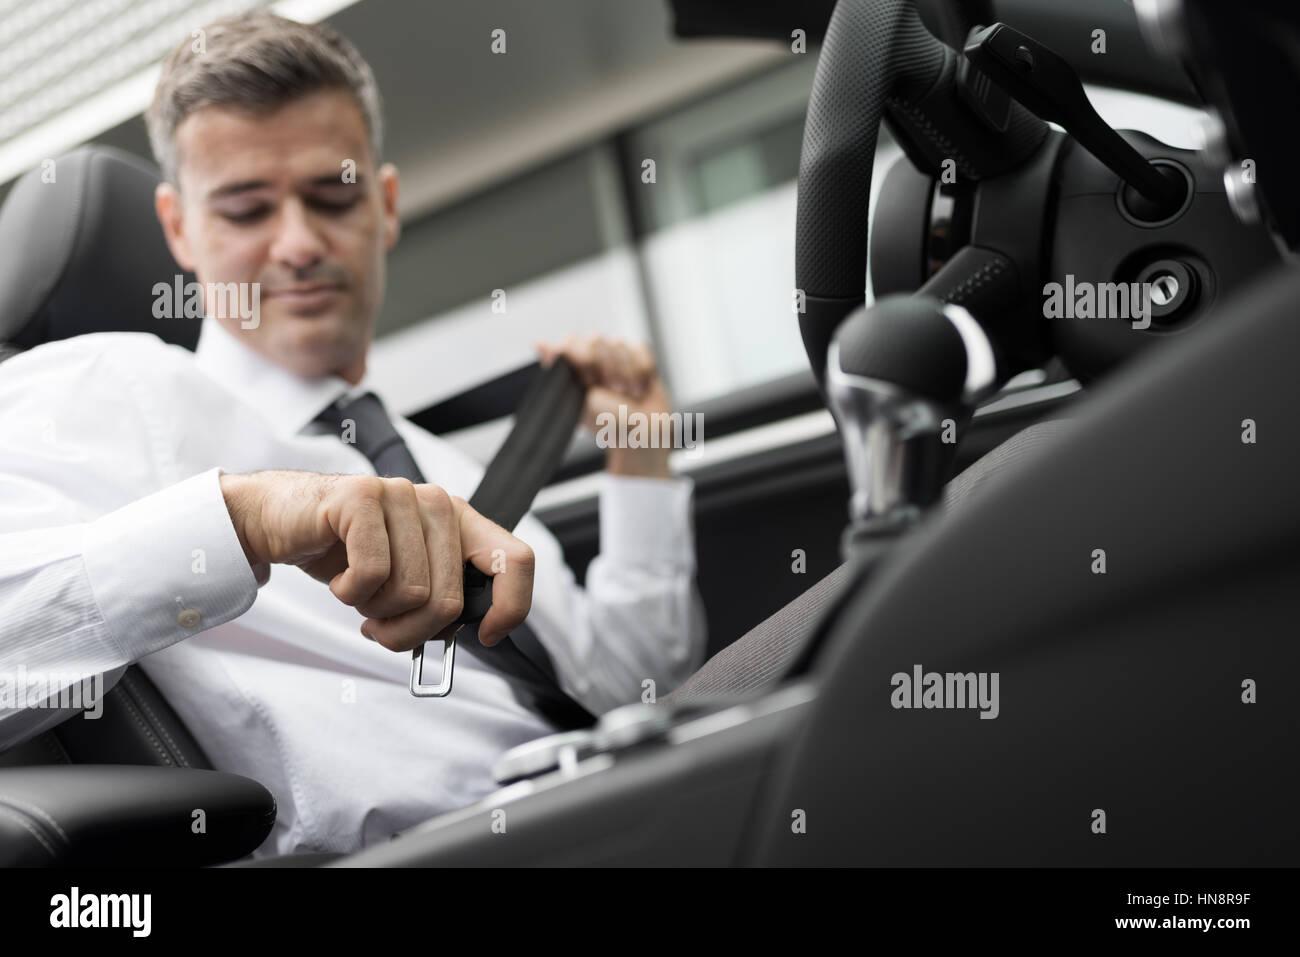 Businessman dans sa voiture de fixation de la ceinture de sécurité au volant concept Photo Stock